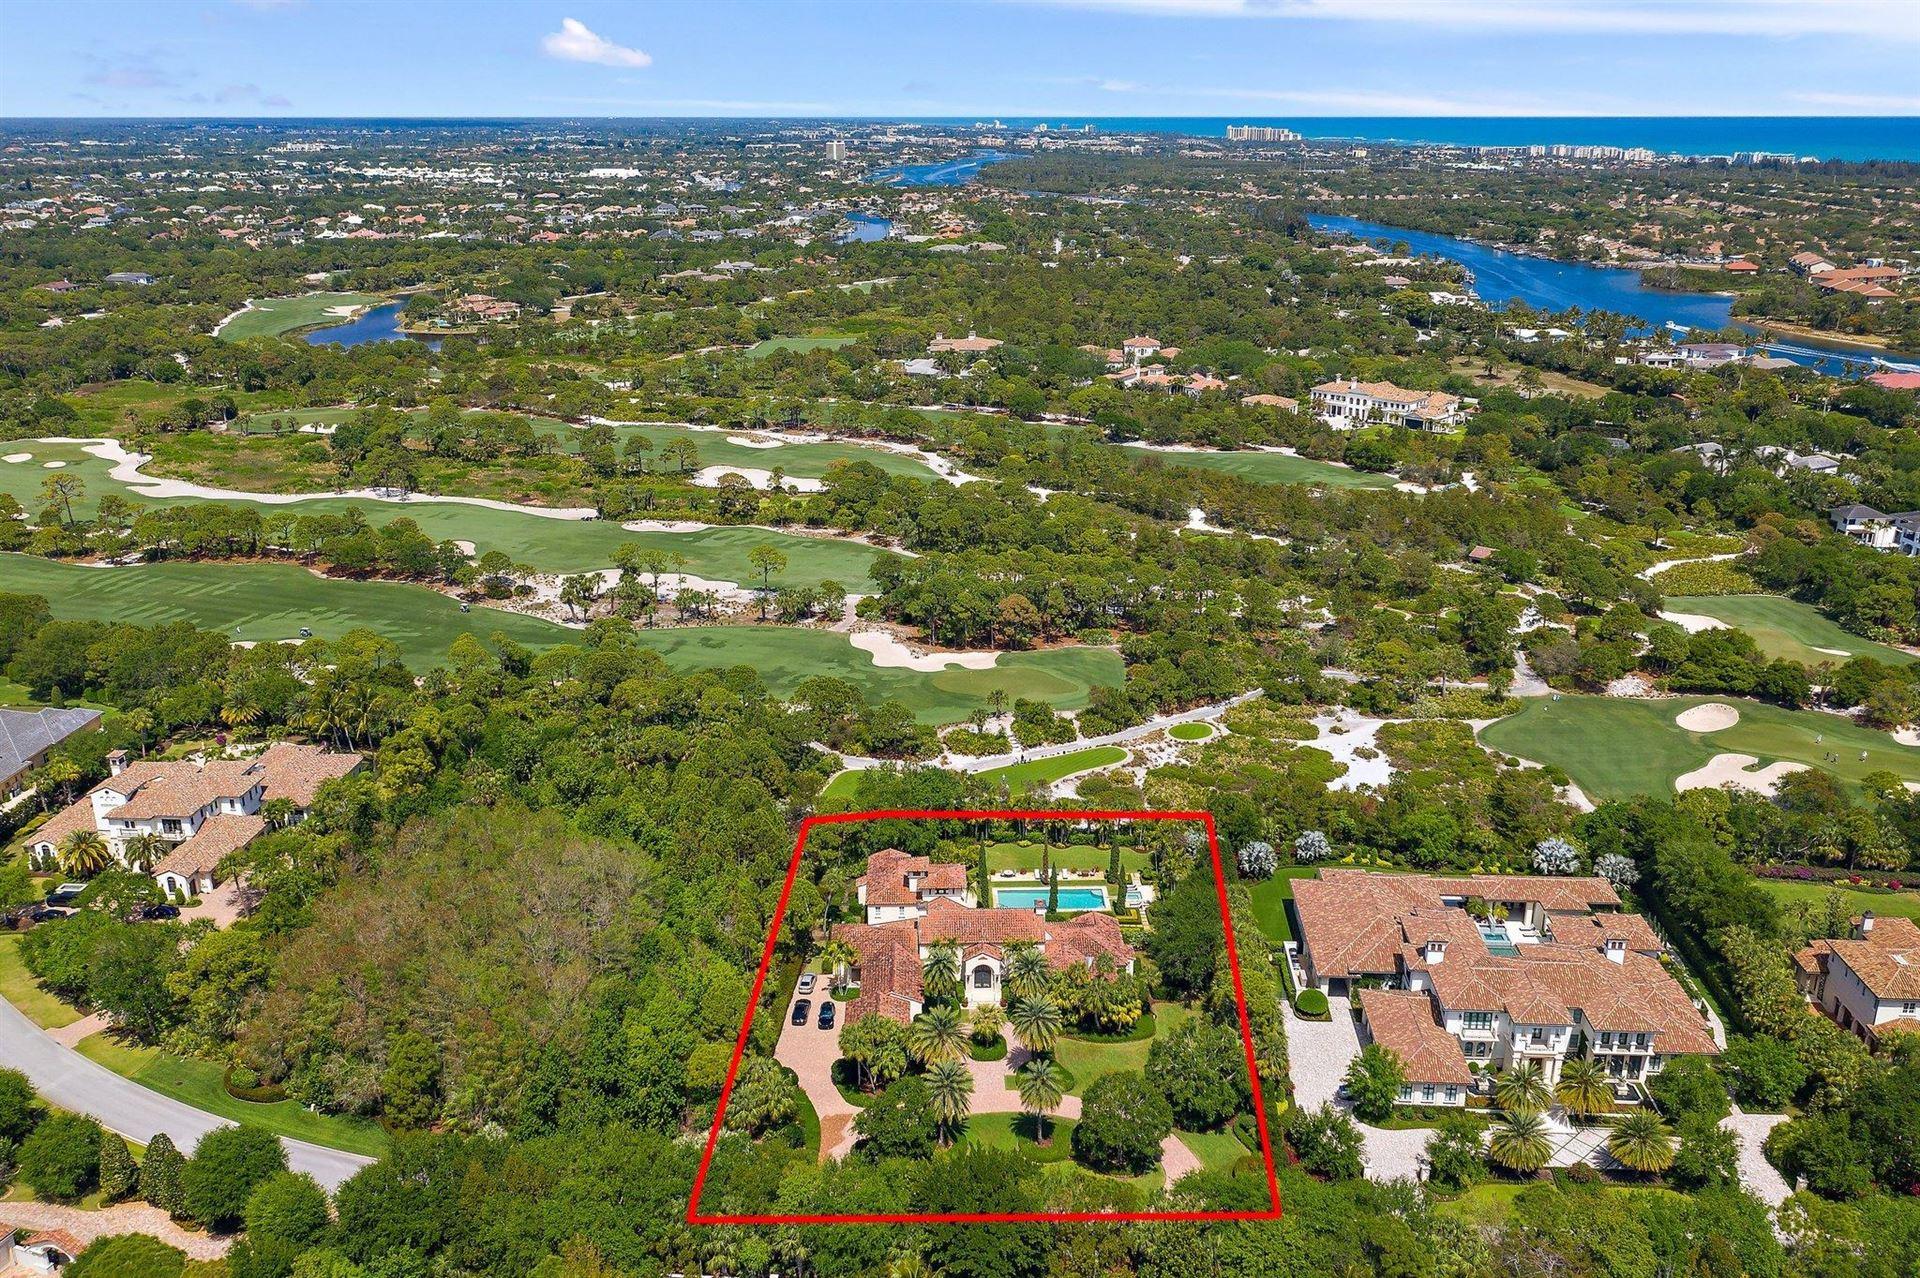 Photo of 166 Bears Club Drive, Jupiter, FL 33477 (MLS # RX-10702688)